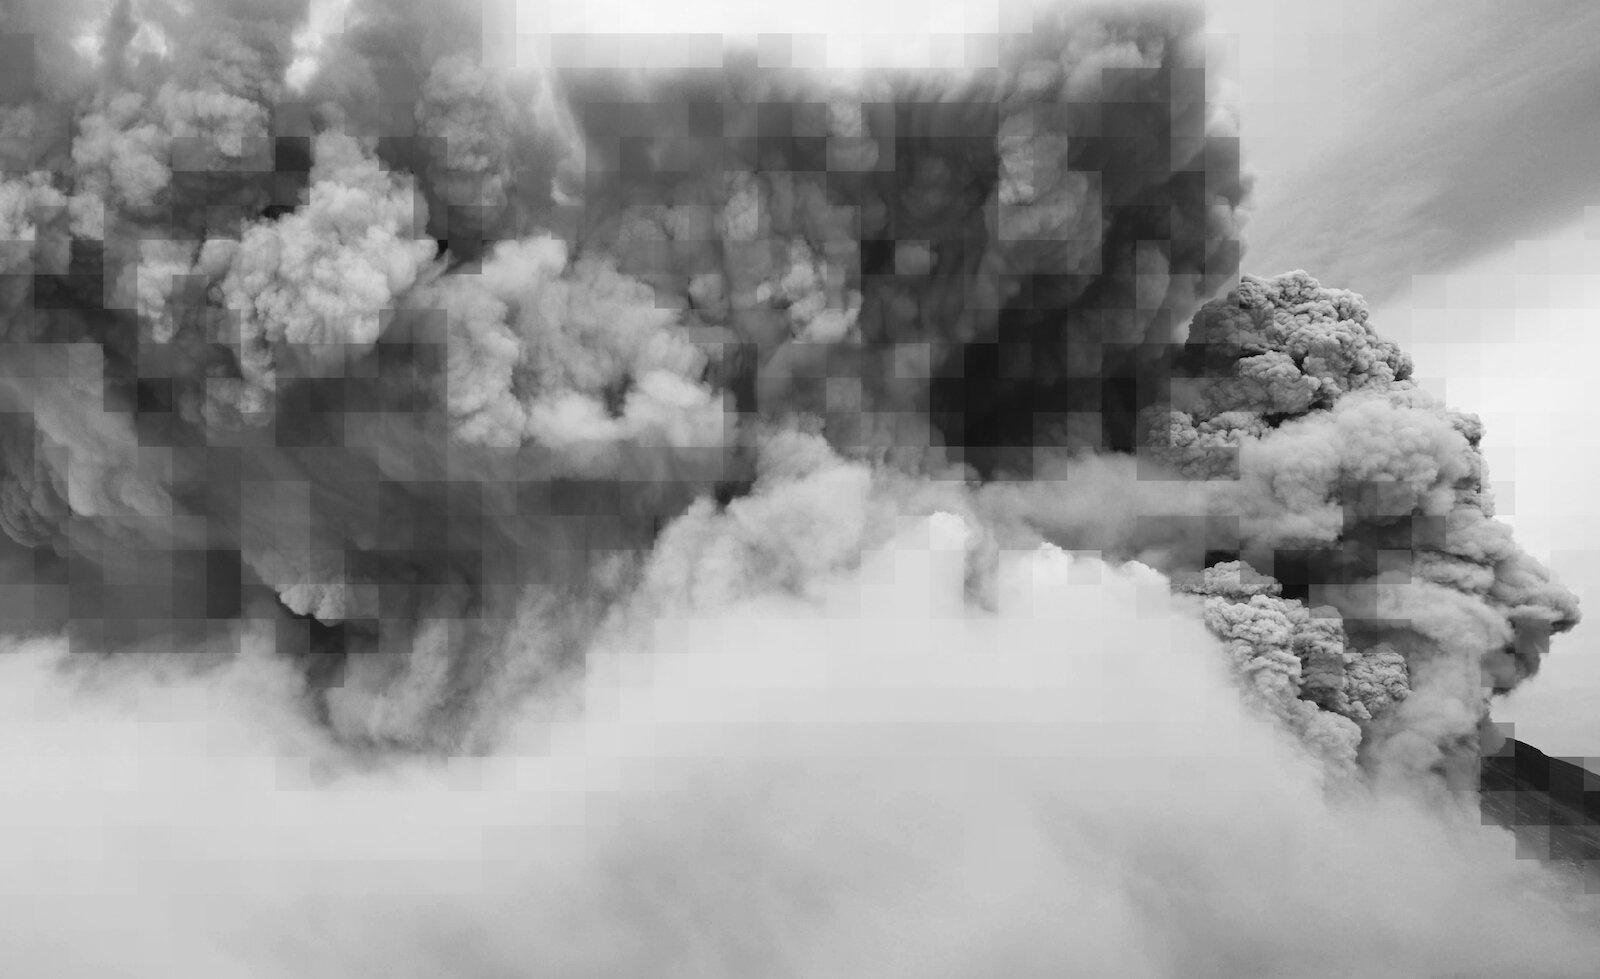 Anahita Hekmat,  les vitres tremblent et le ciel descend,  2019. Video.